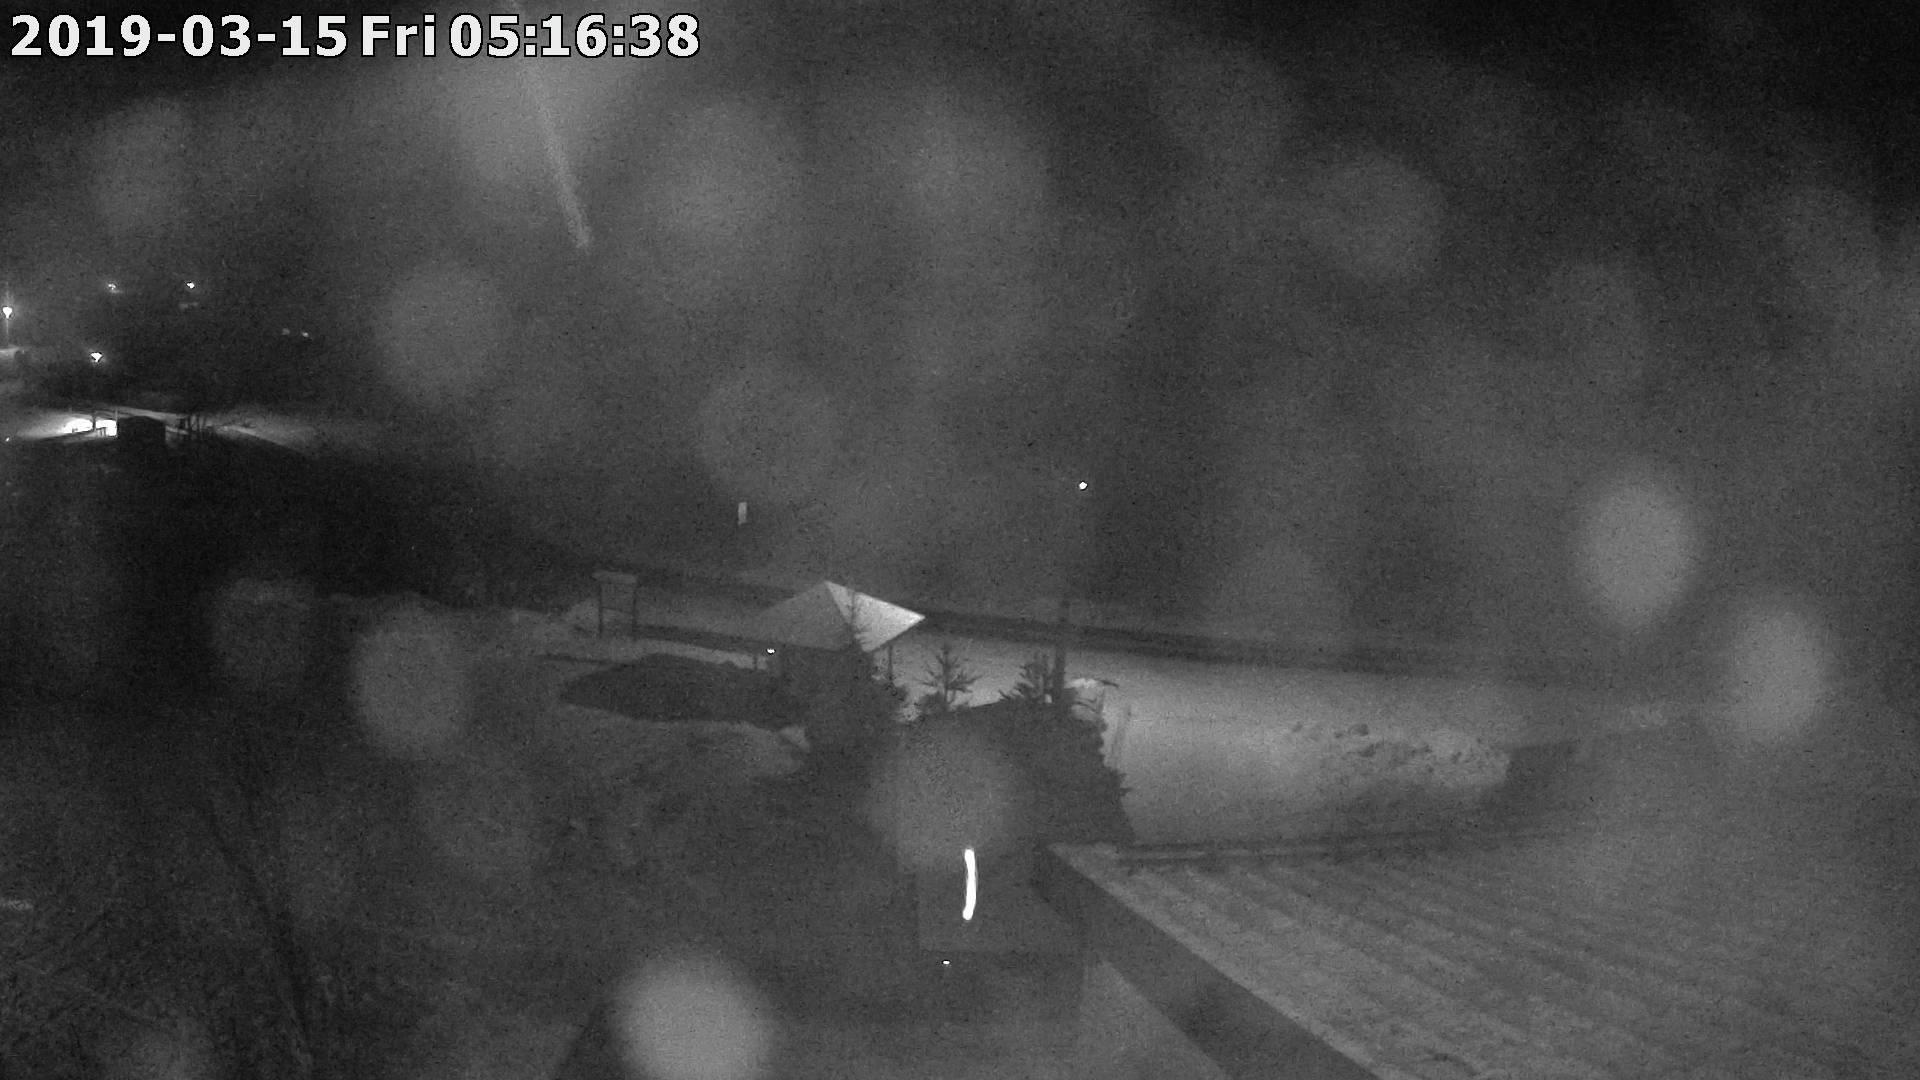 Webkamera ze dne 2019-03-15